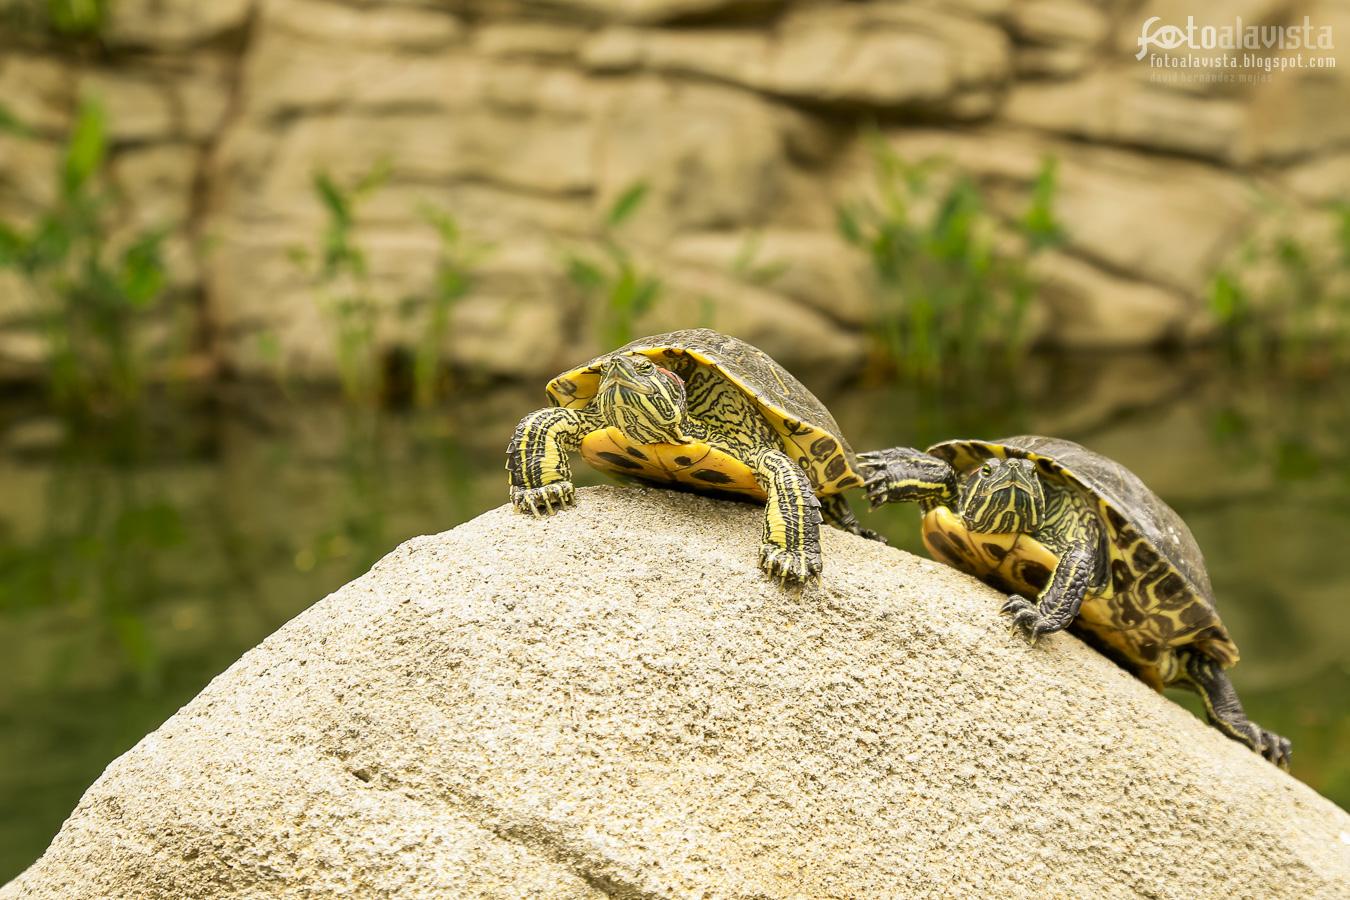 Tortugas como tigres - Fotografía